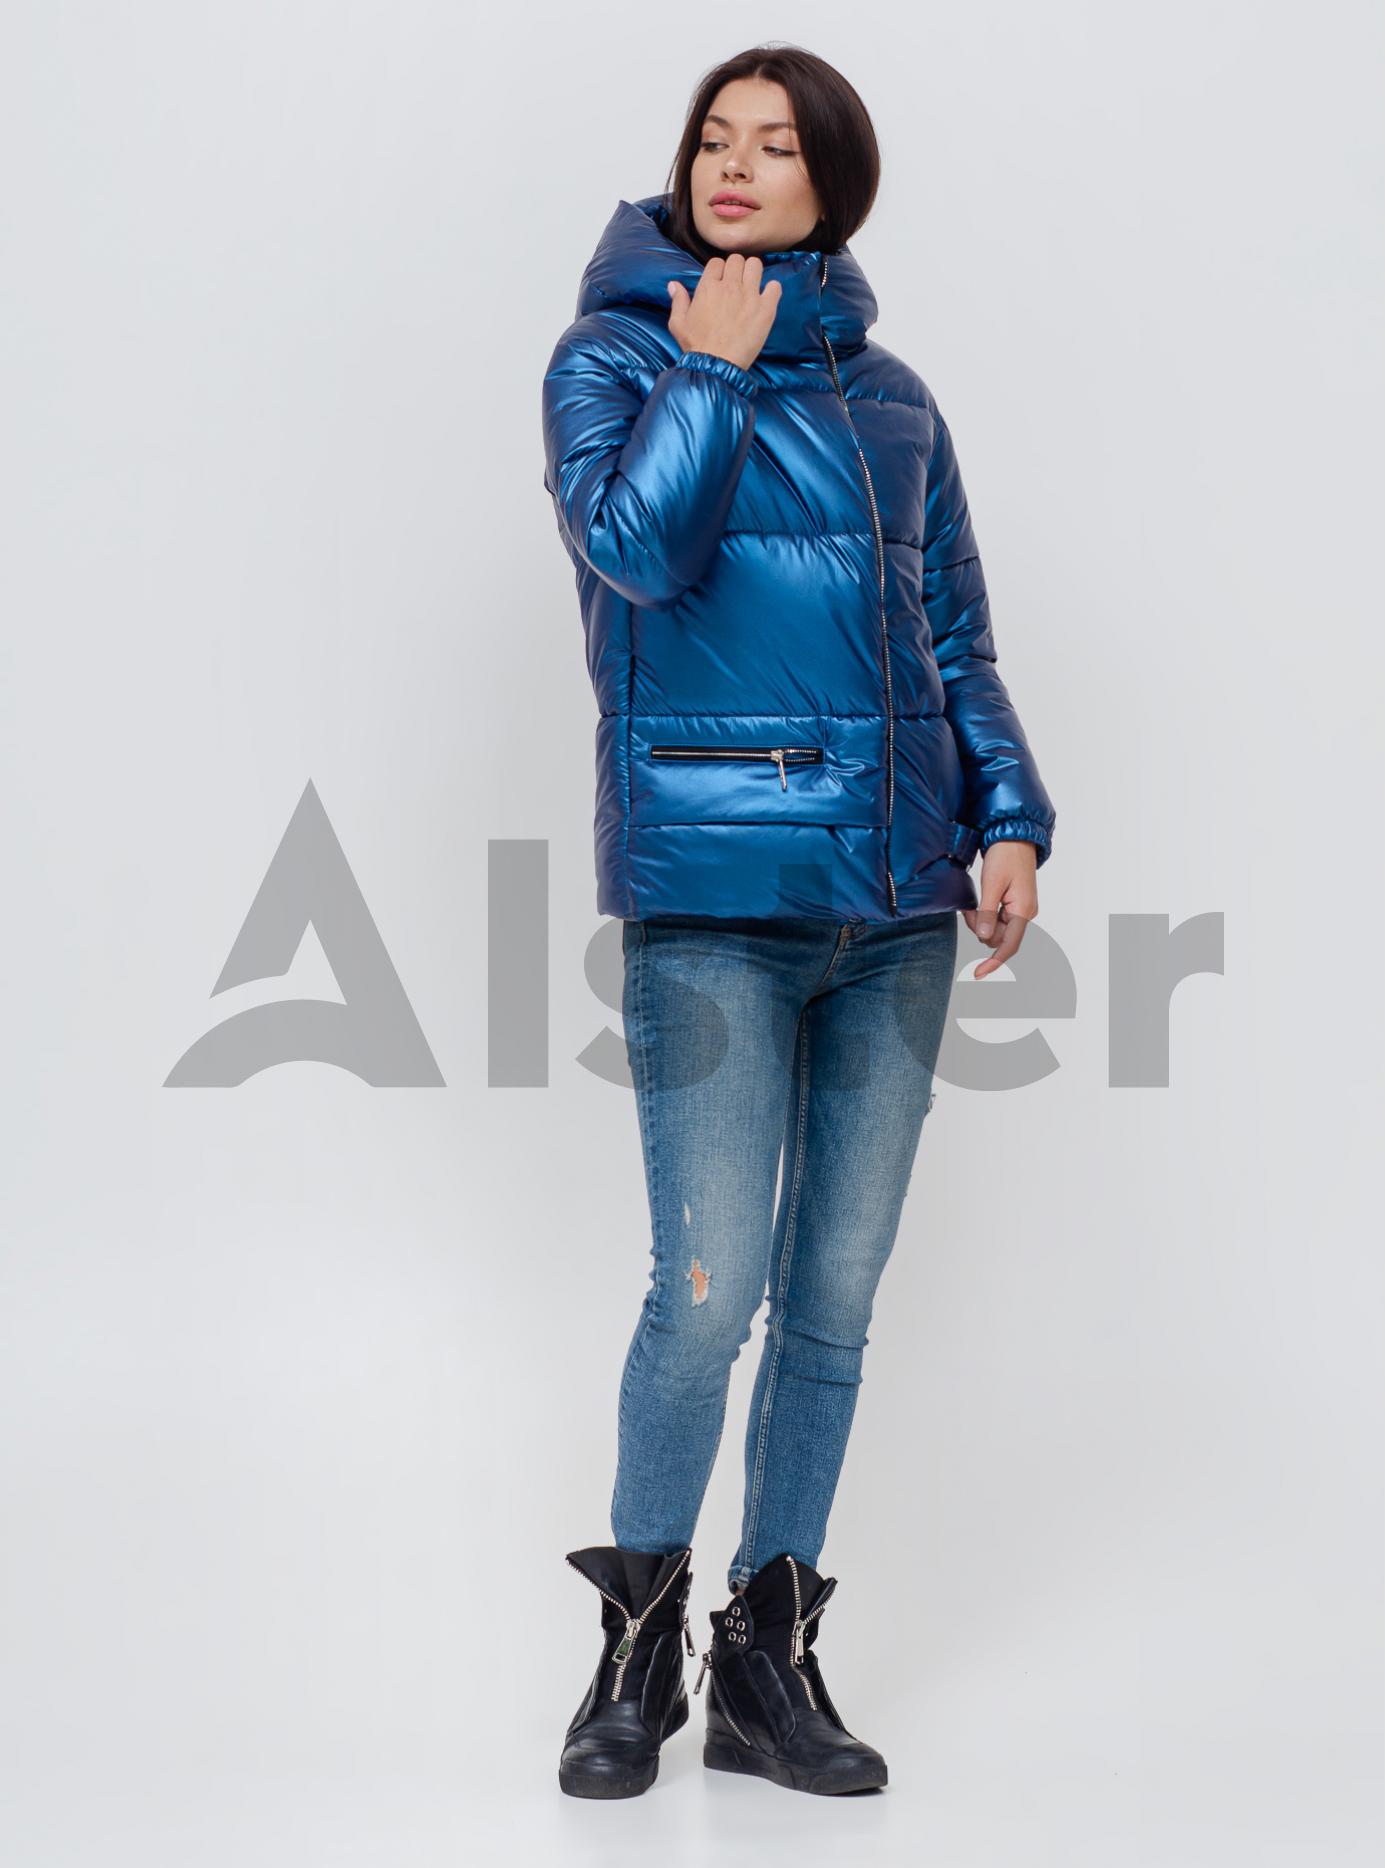 Женская зимняя куртка Джинс 40 (02-KL201035): фото - Alster.ua